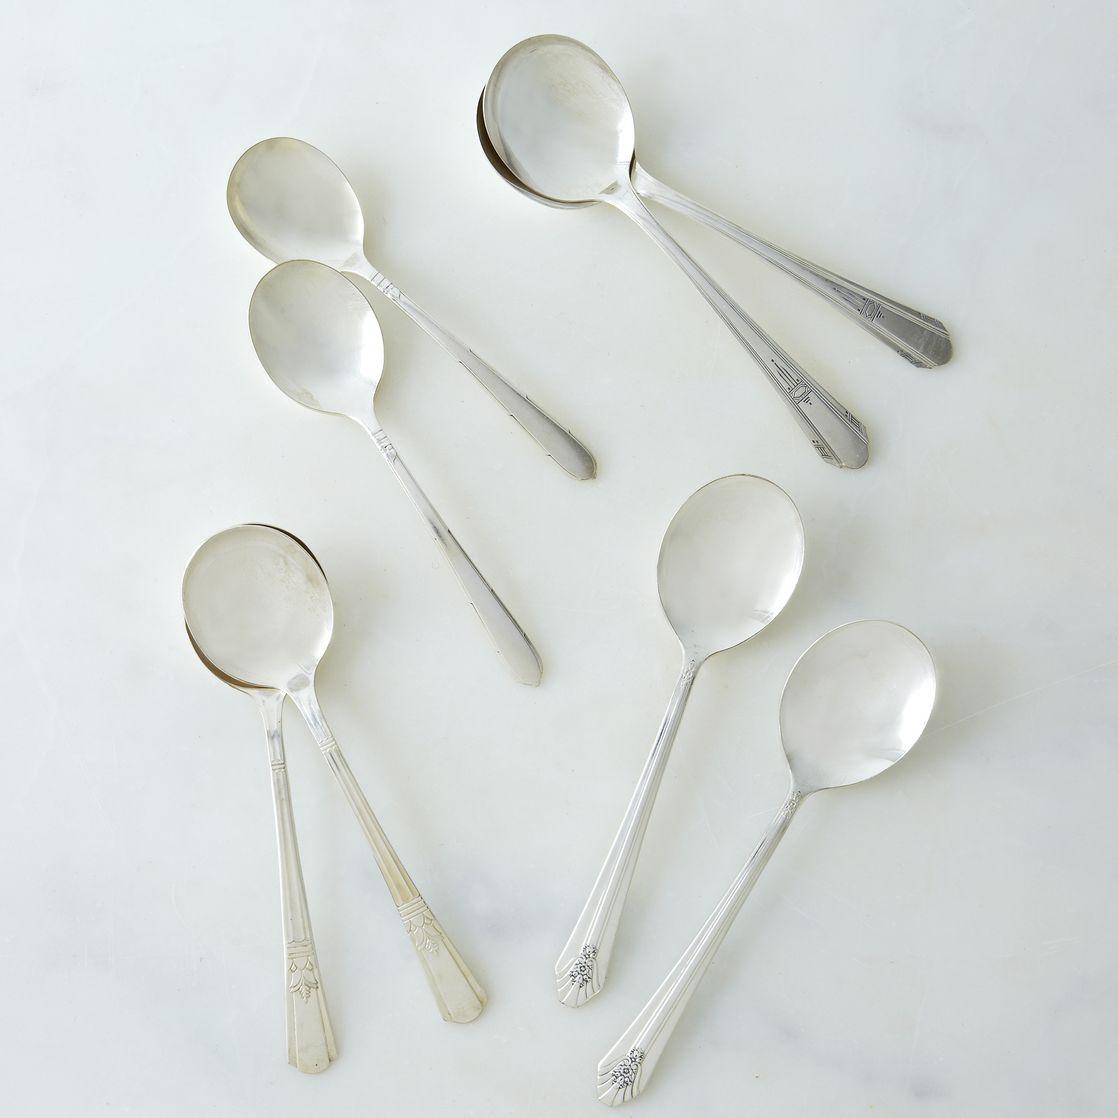 0d45f9cc-36b1-4596-a2d6-d9501911af9a--2014_1003_milk_honey_vintage_soup_spoons_full_set_051